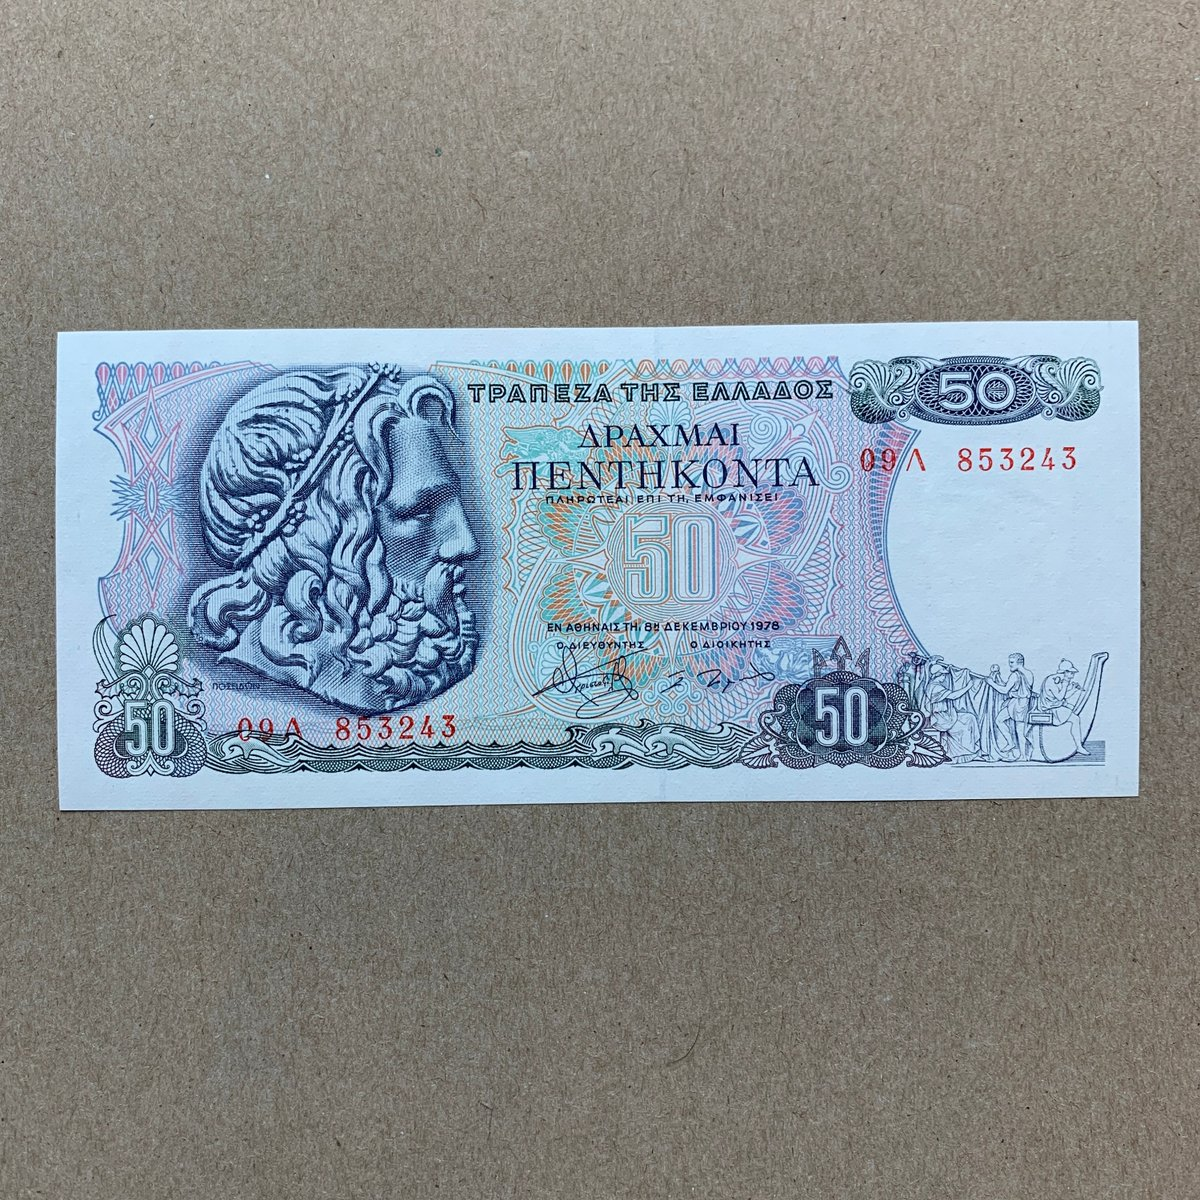 my #etsy shop: 1978 Poseidon 50 Greek Drachmai Banknote. Greece Currency, Note, Bill. Ancient Greek Gods. Greek Mythology. (Neptune in Roman)  #greek #greece #banknote #currency #bills #notes #ancient #greekgod #poseidon